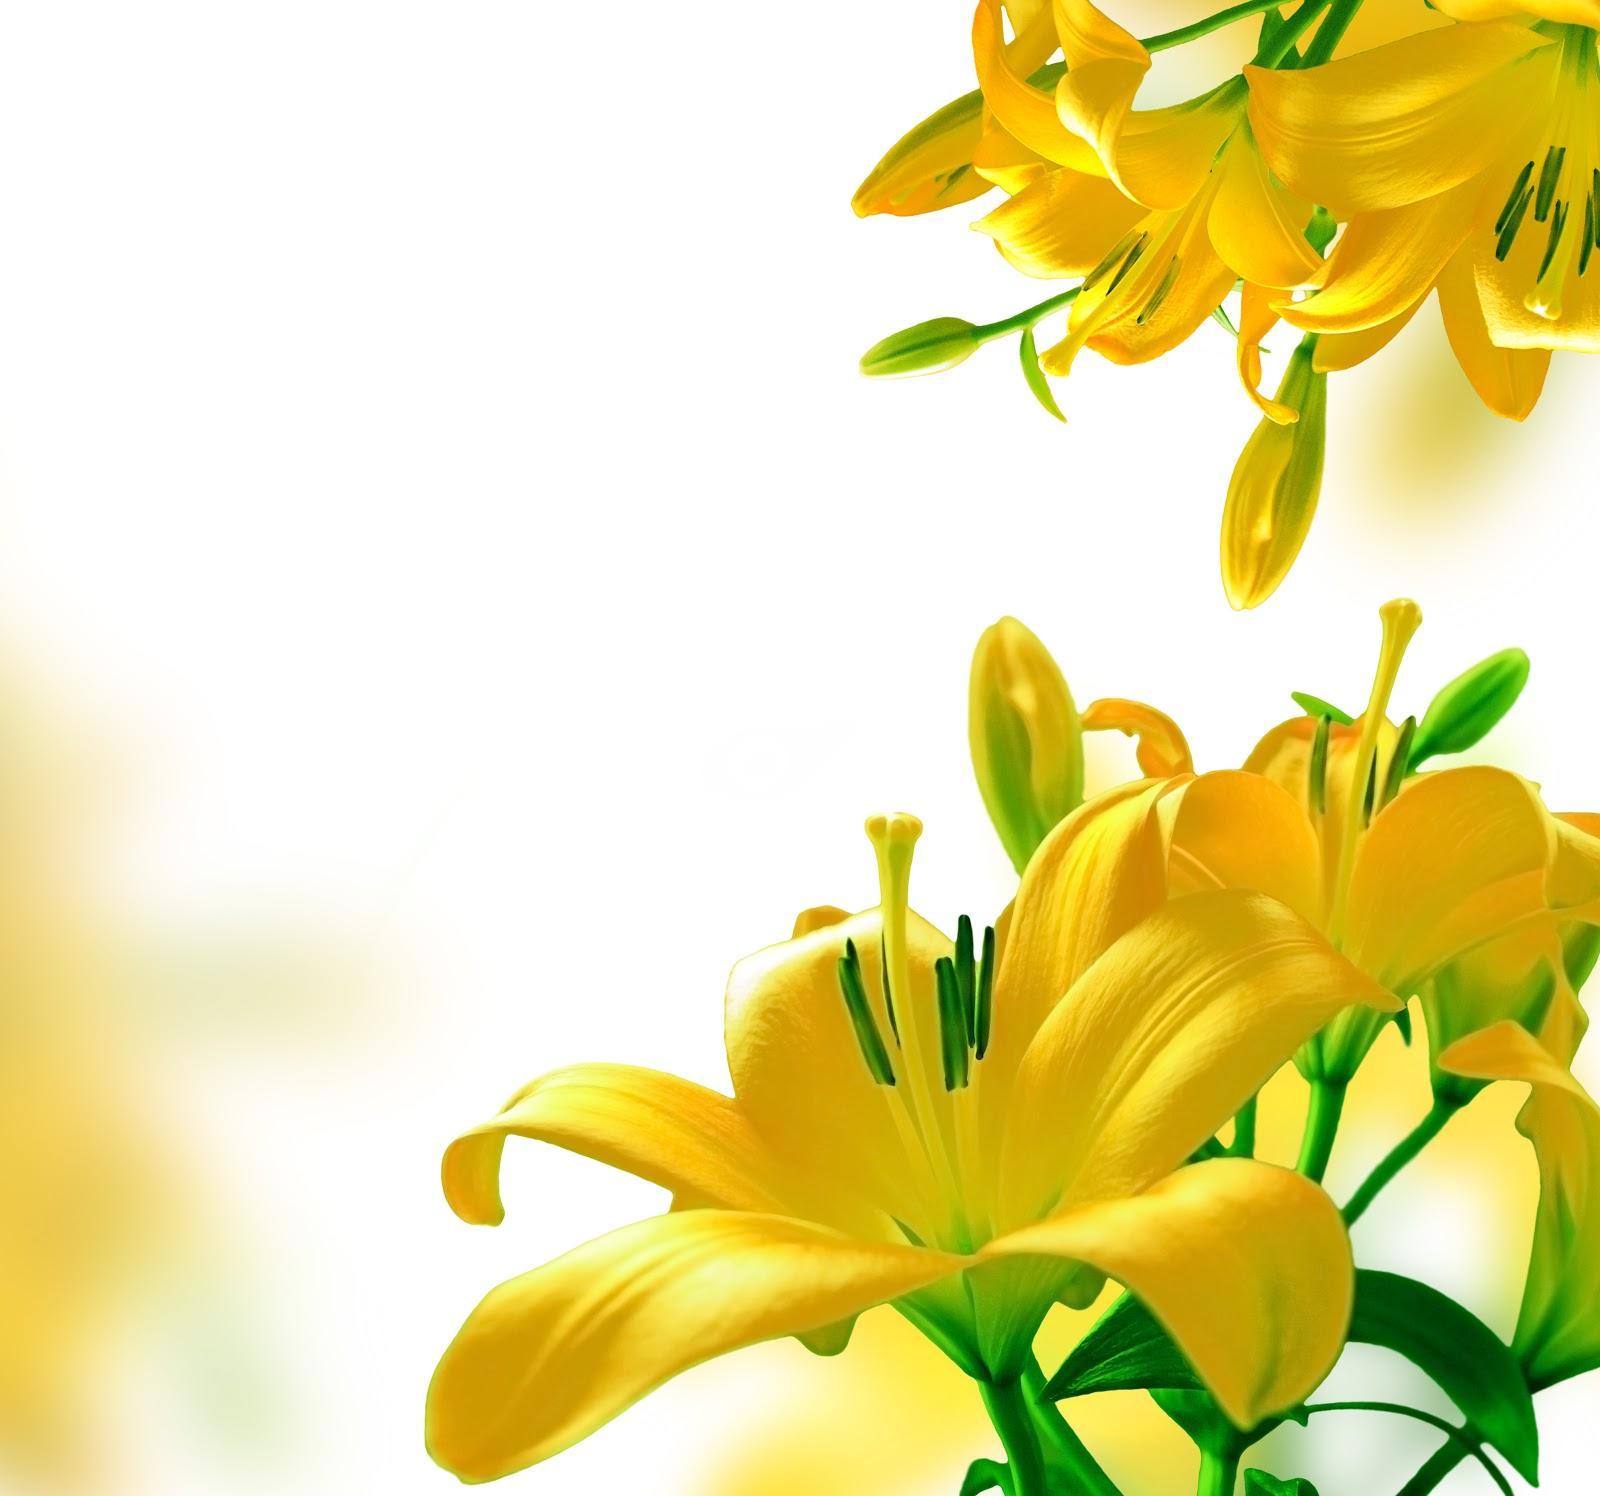 обои для рабочего стола бабочки на цветах бесплатно